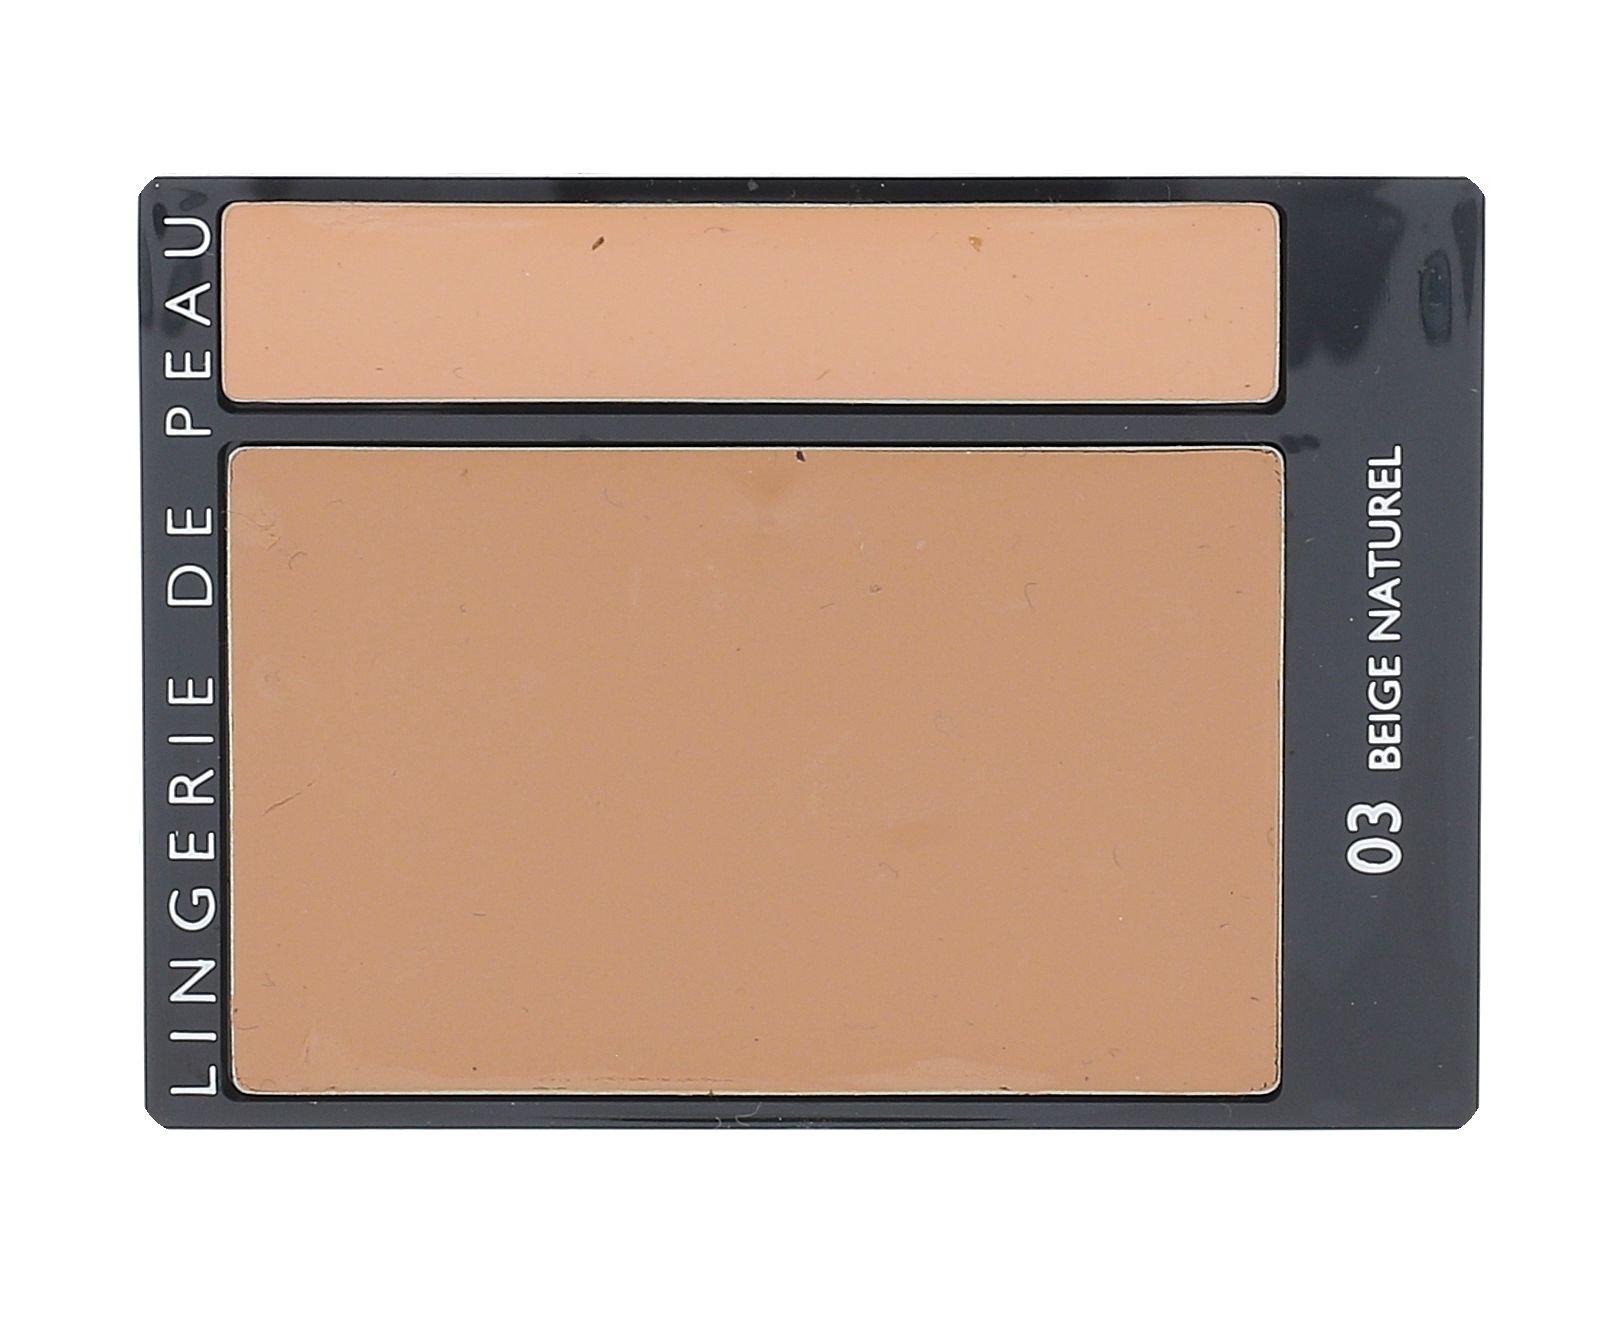 Guerlain Lingerie De Peau Cosmetic 11,3ml 03 Beige Naturel Foundation & Concealer